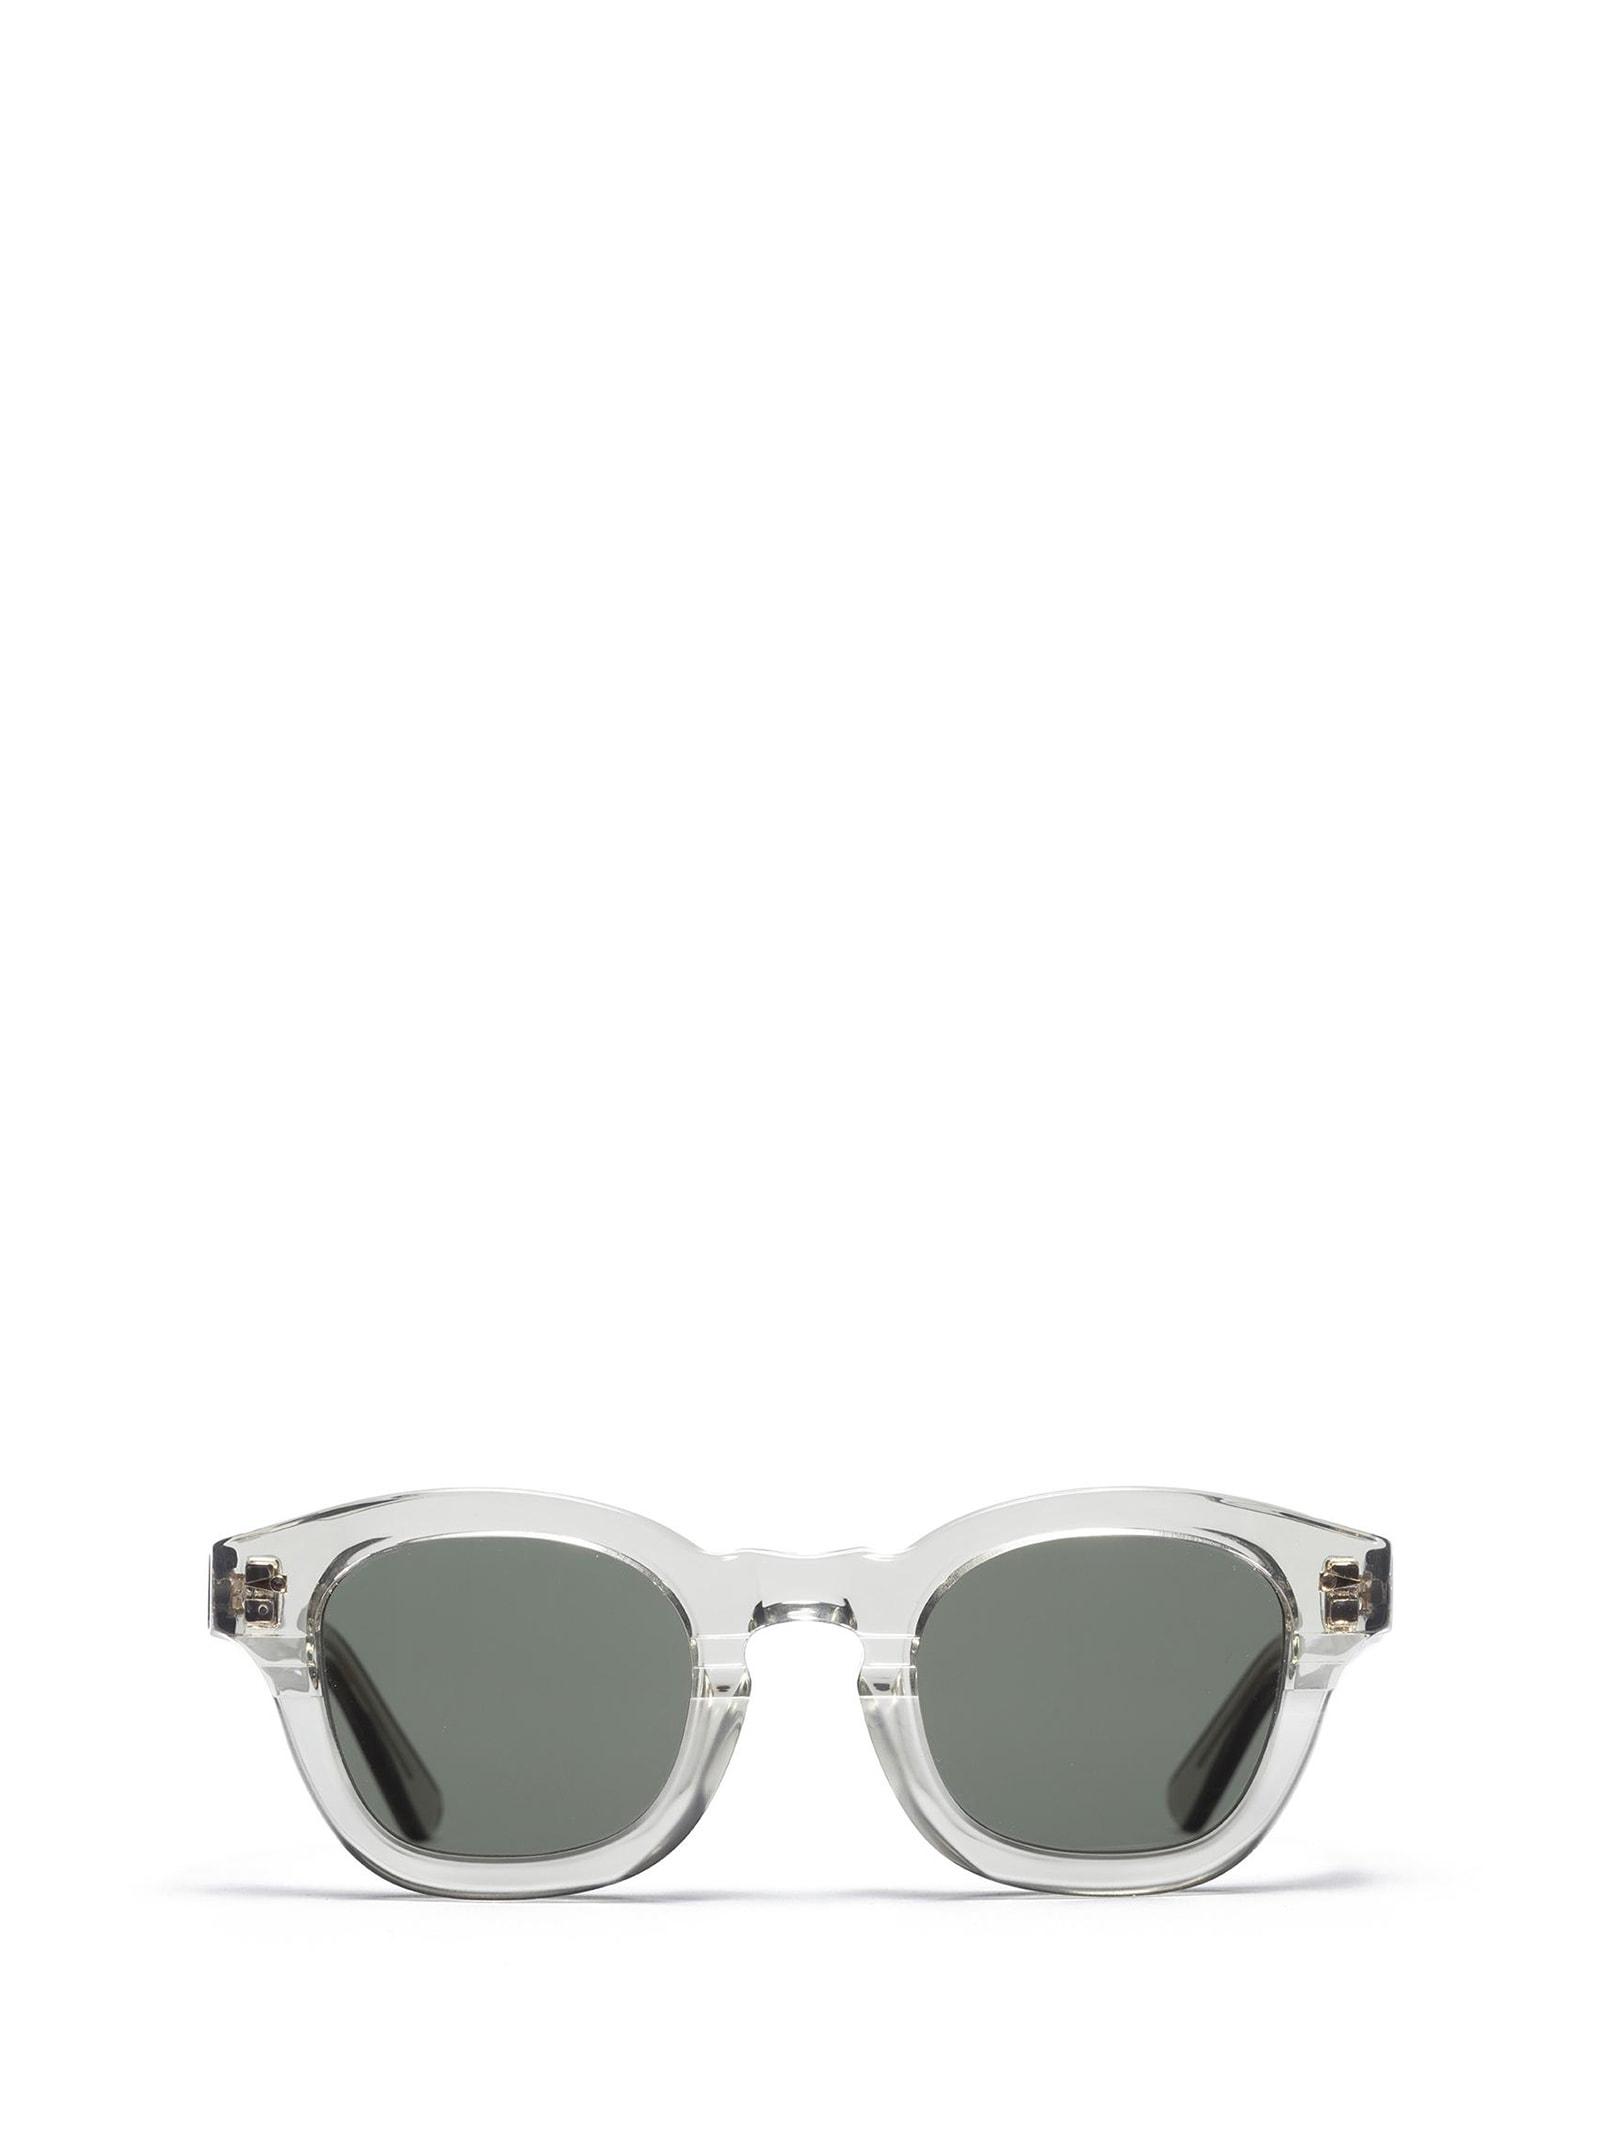 AHLEM Ahlem Le Marais Thymelight Sunglasses